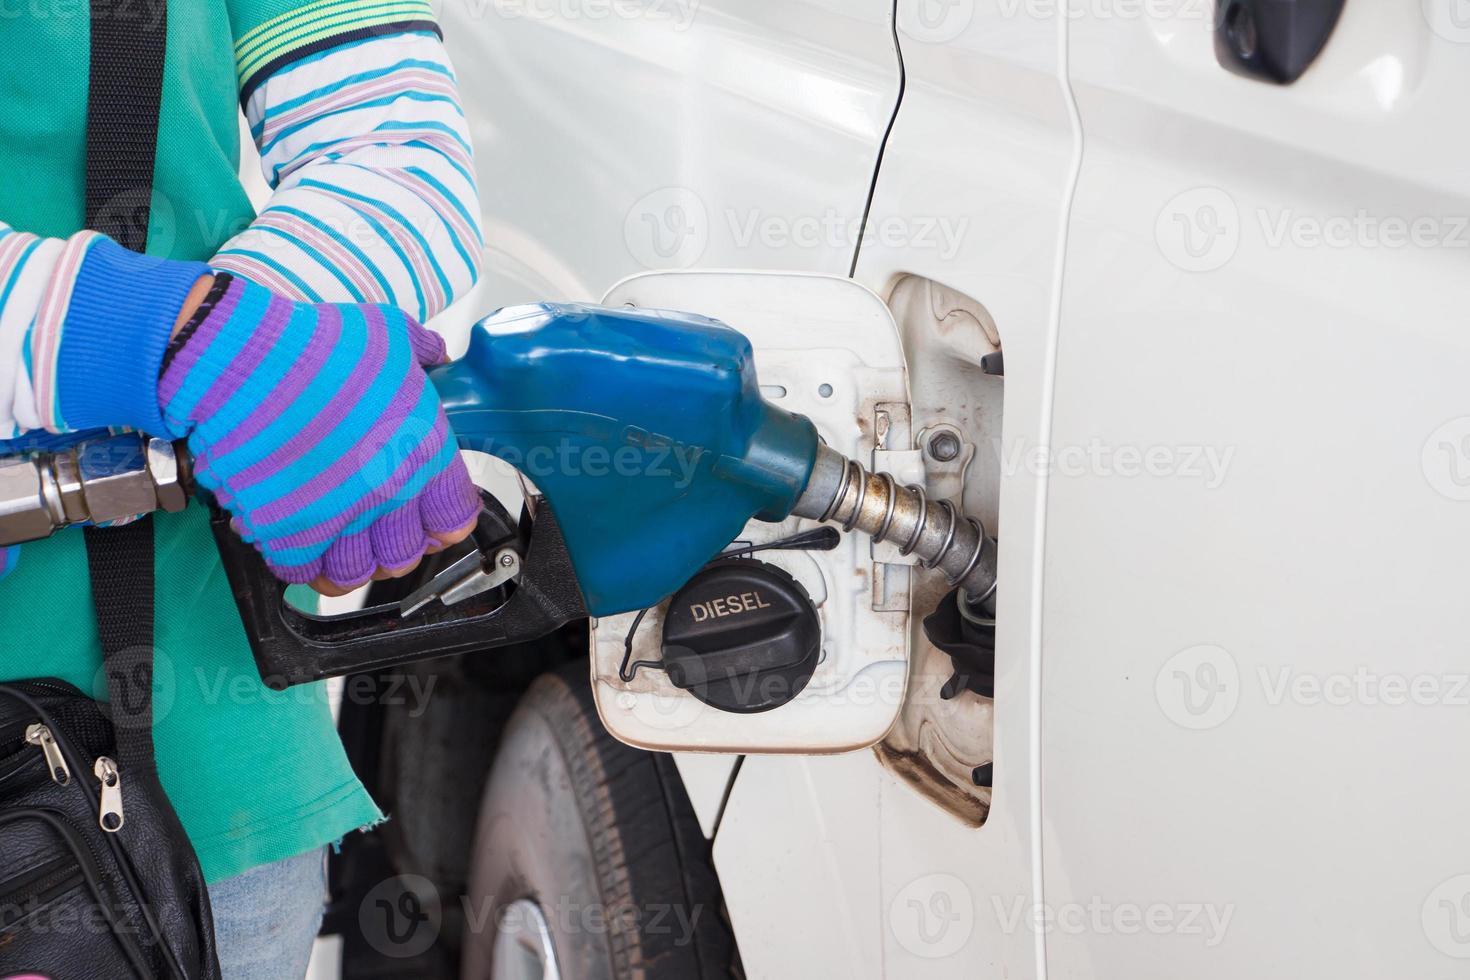 pompage de gaz à la pompe à gaz photo